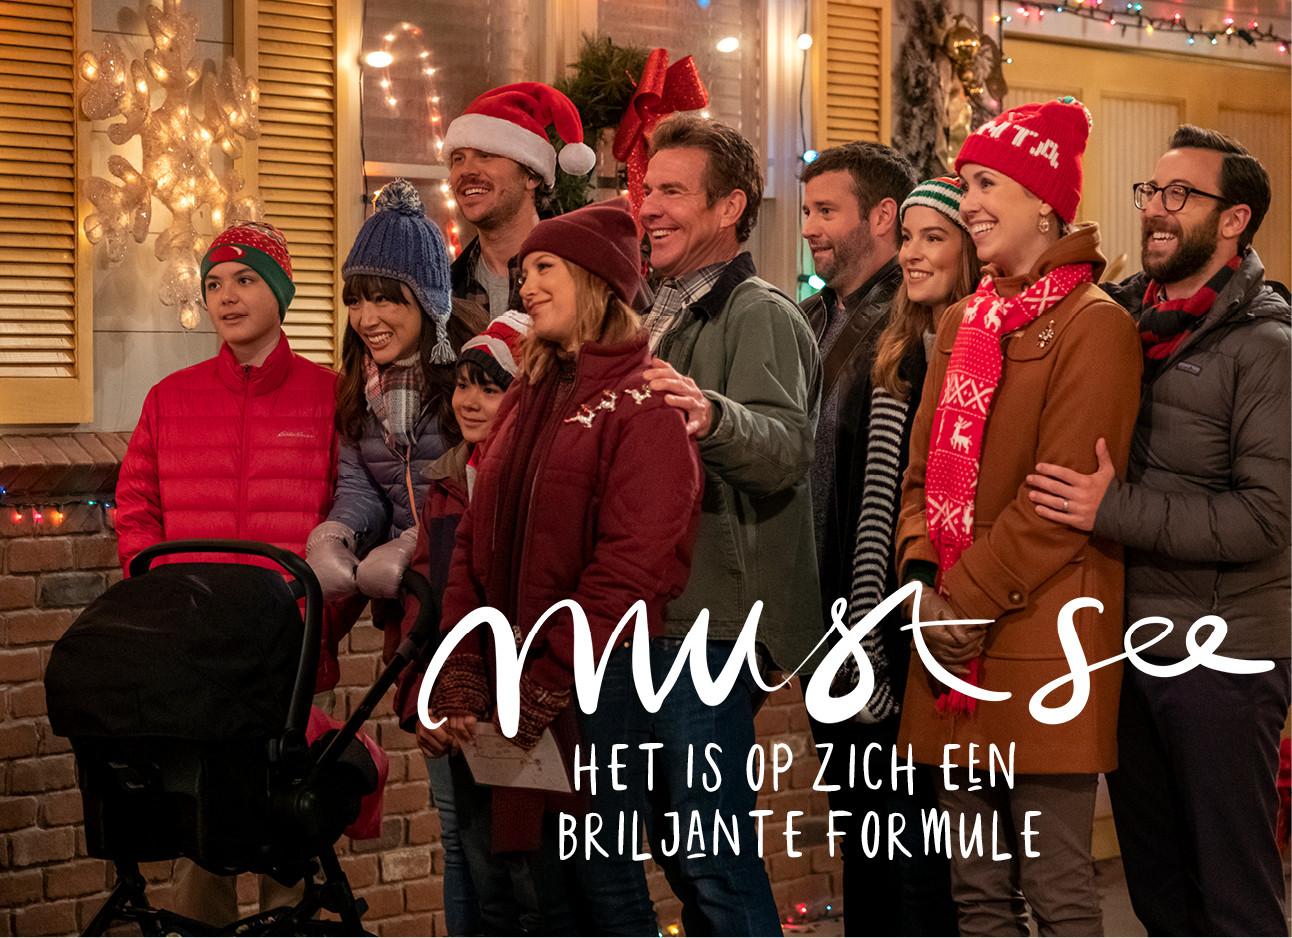 een groep familie die samen butien staan en lachen